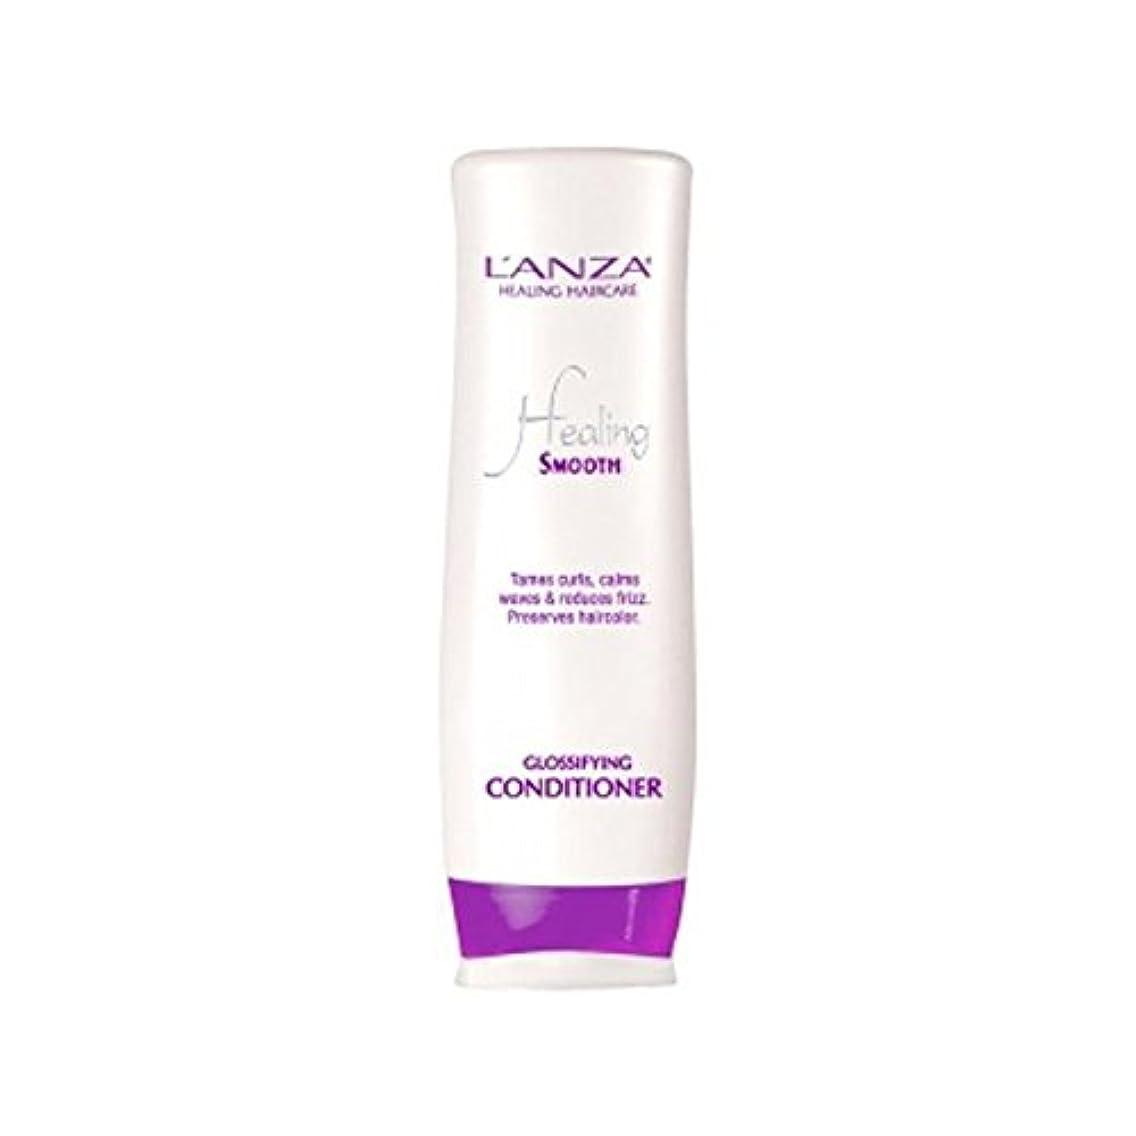 植物学執着傑作スムーズなコンディショナーを癒し'アンザ(250ミリリットル) x4 - L'Anza Healing Smooth Glossifying Conditioner (250ml) (Pack of 4) [並行輸入品]